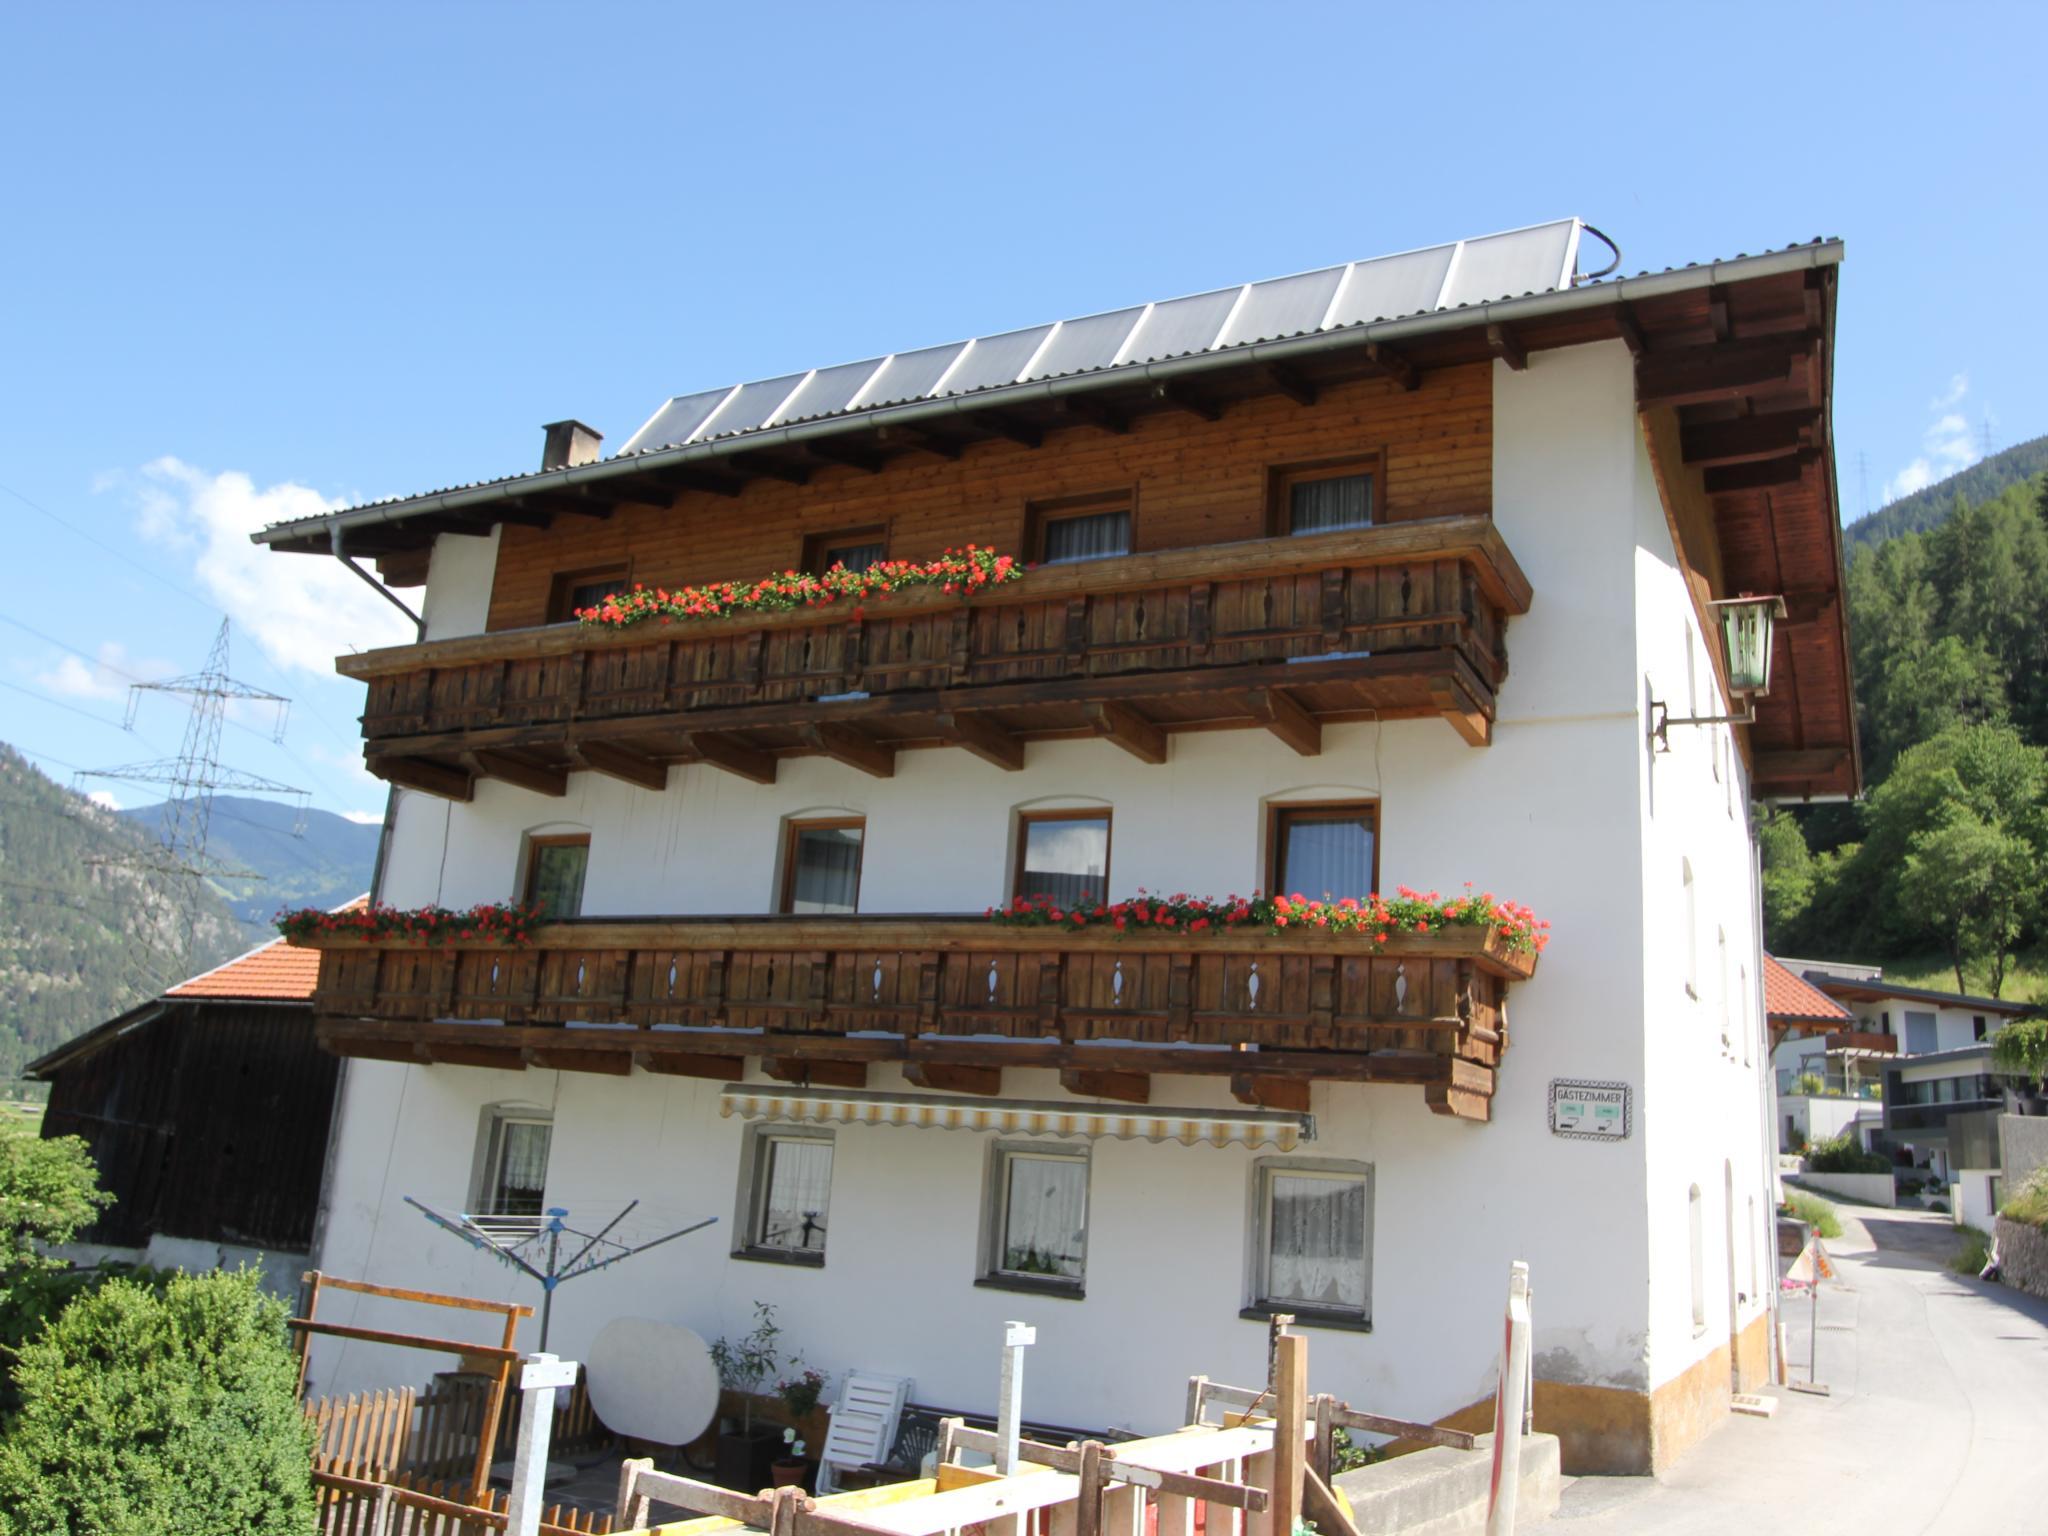 Erhart 1 Tirol